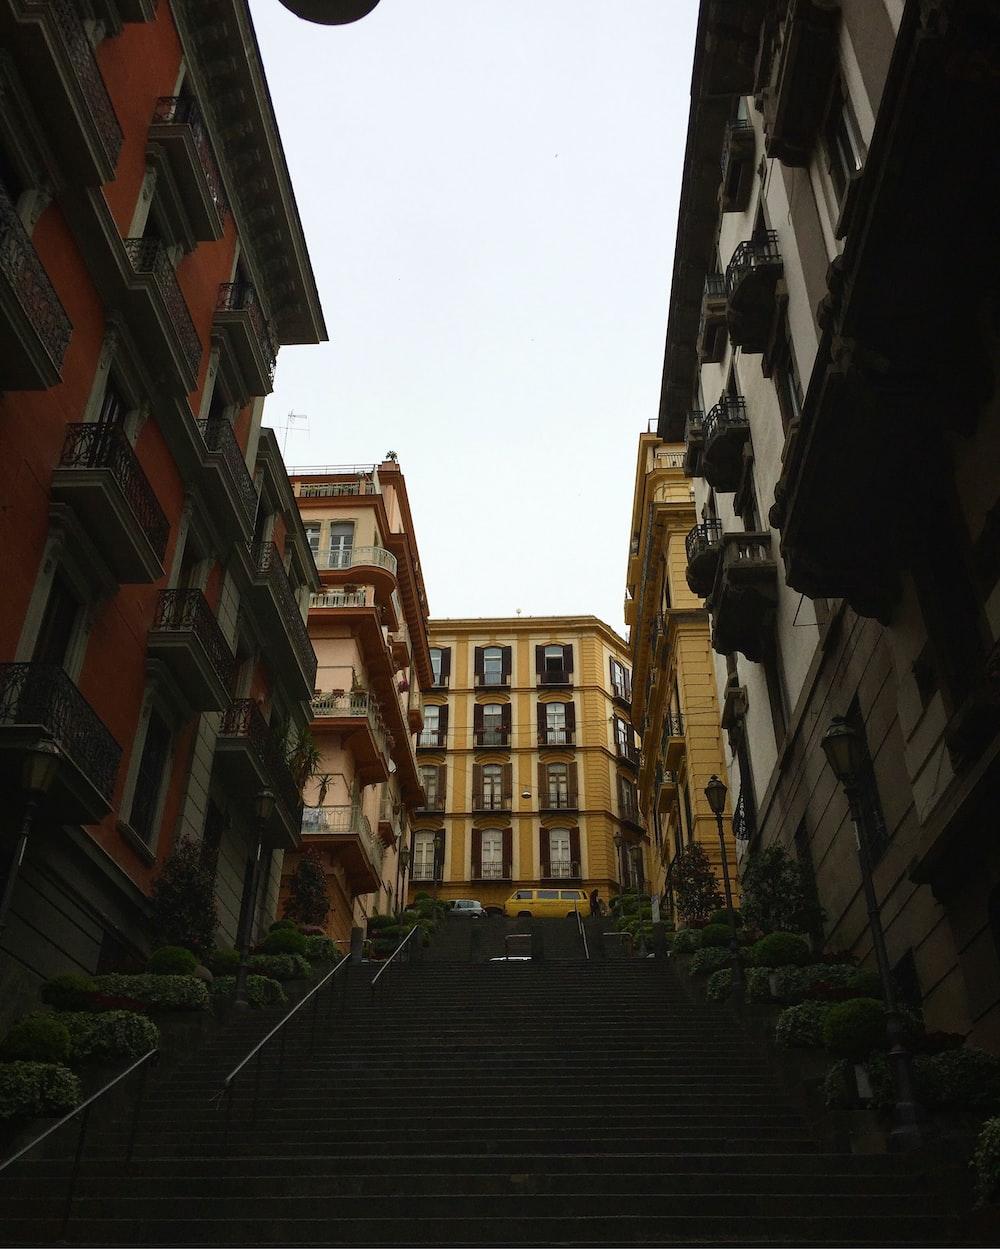 stairway between buildings at daytime